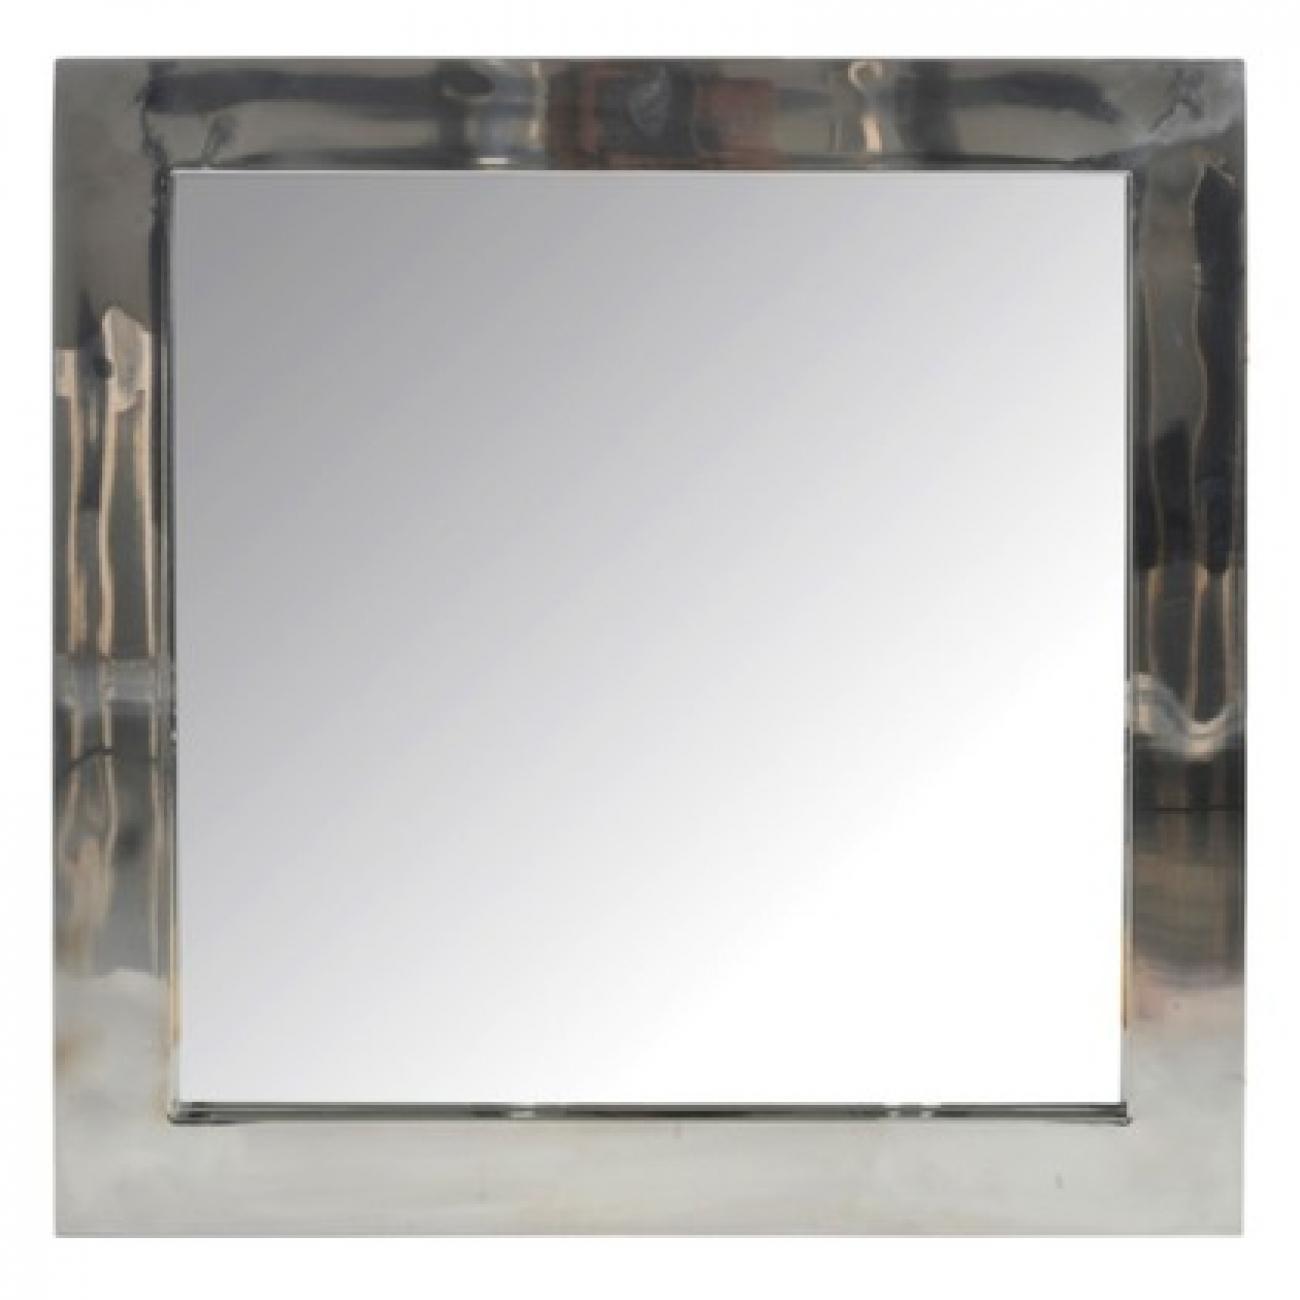 Зеркало J-LINE настенное квадратное в раме из нержавеющей стали серебристого цвета 60х60 см Бельгия